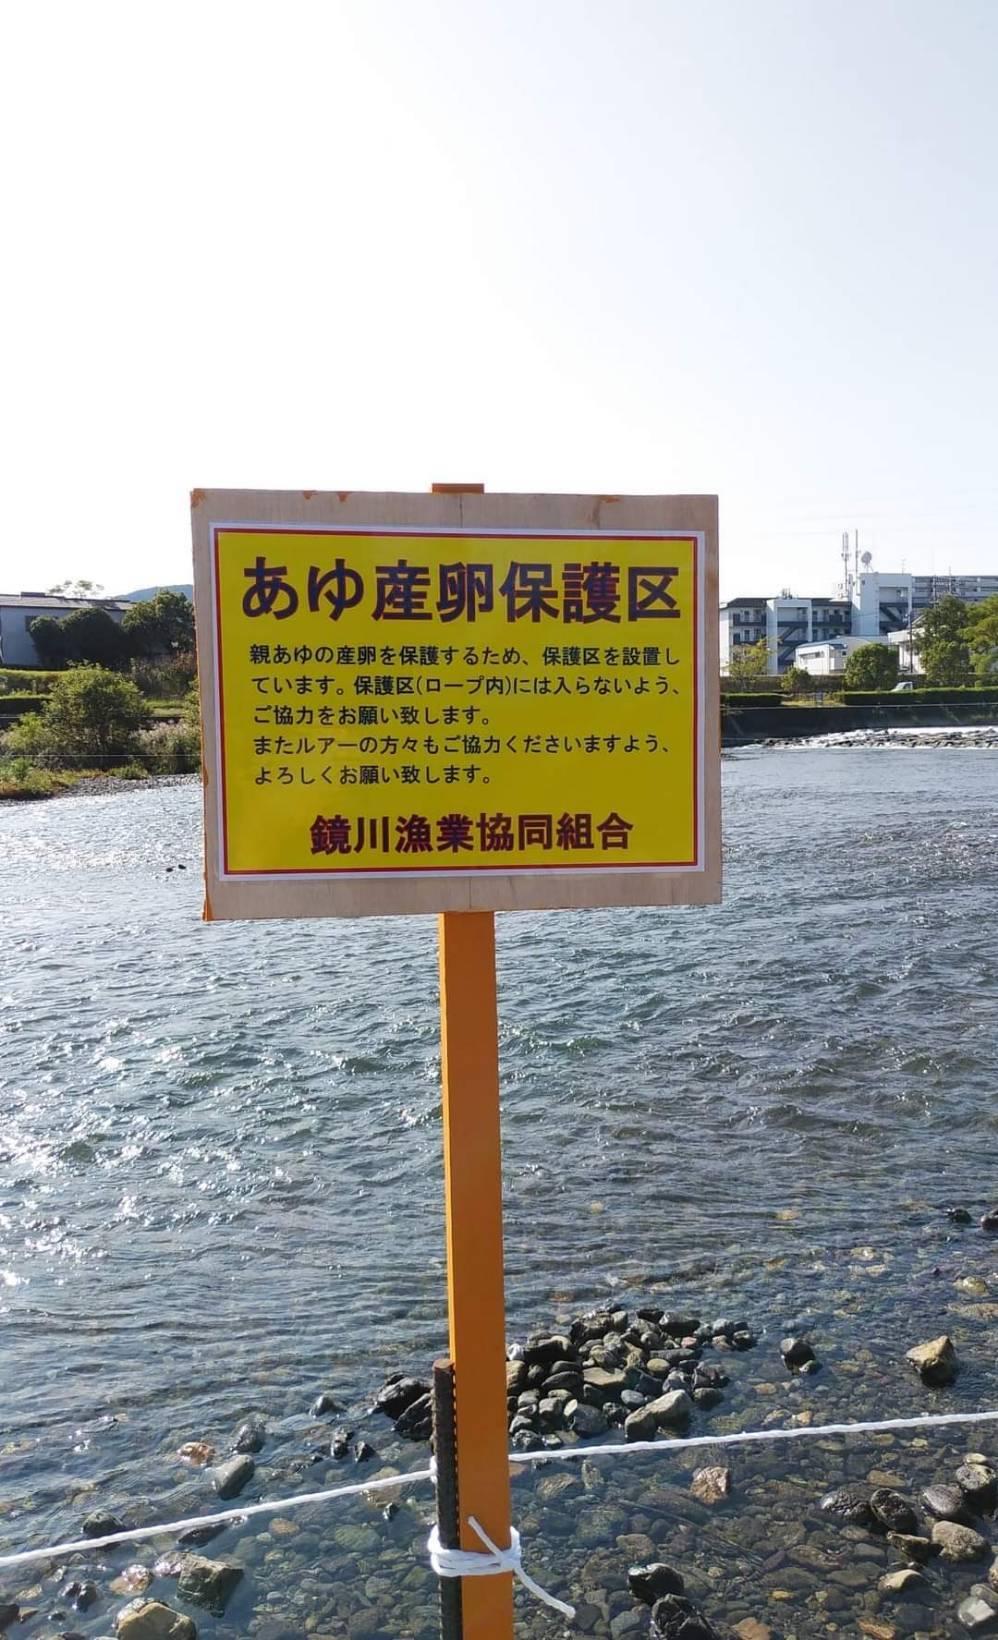 鏡川の鮎産卵場所の整備